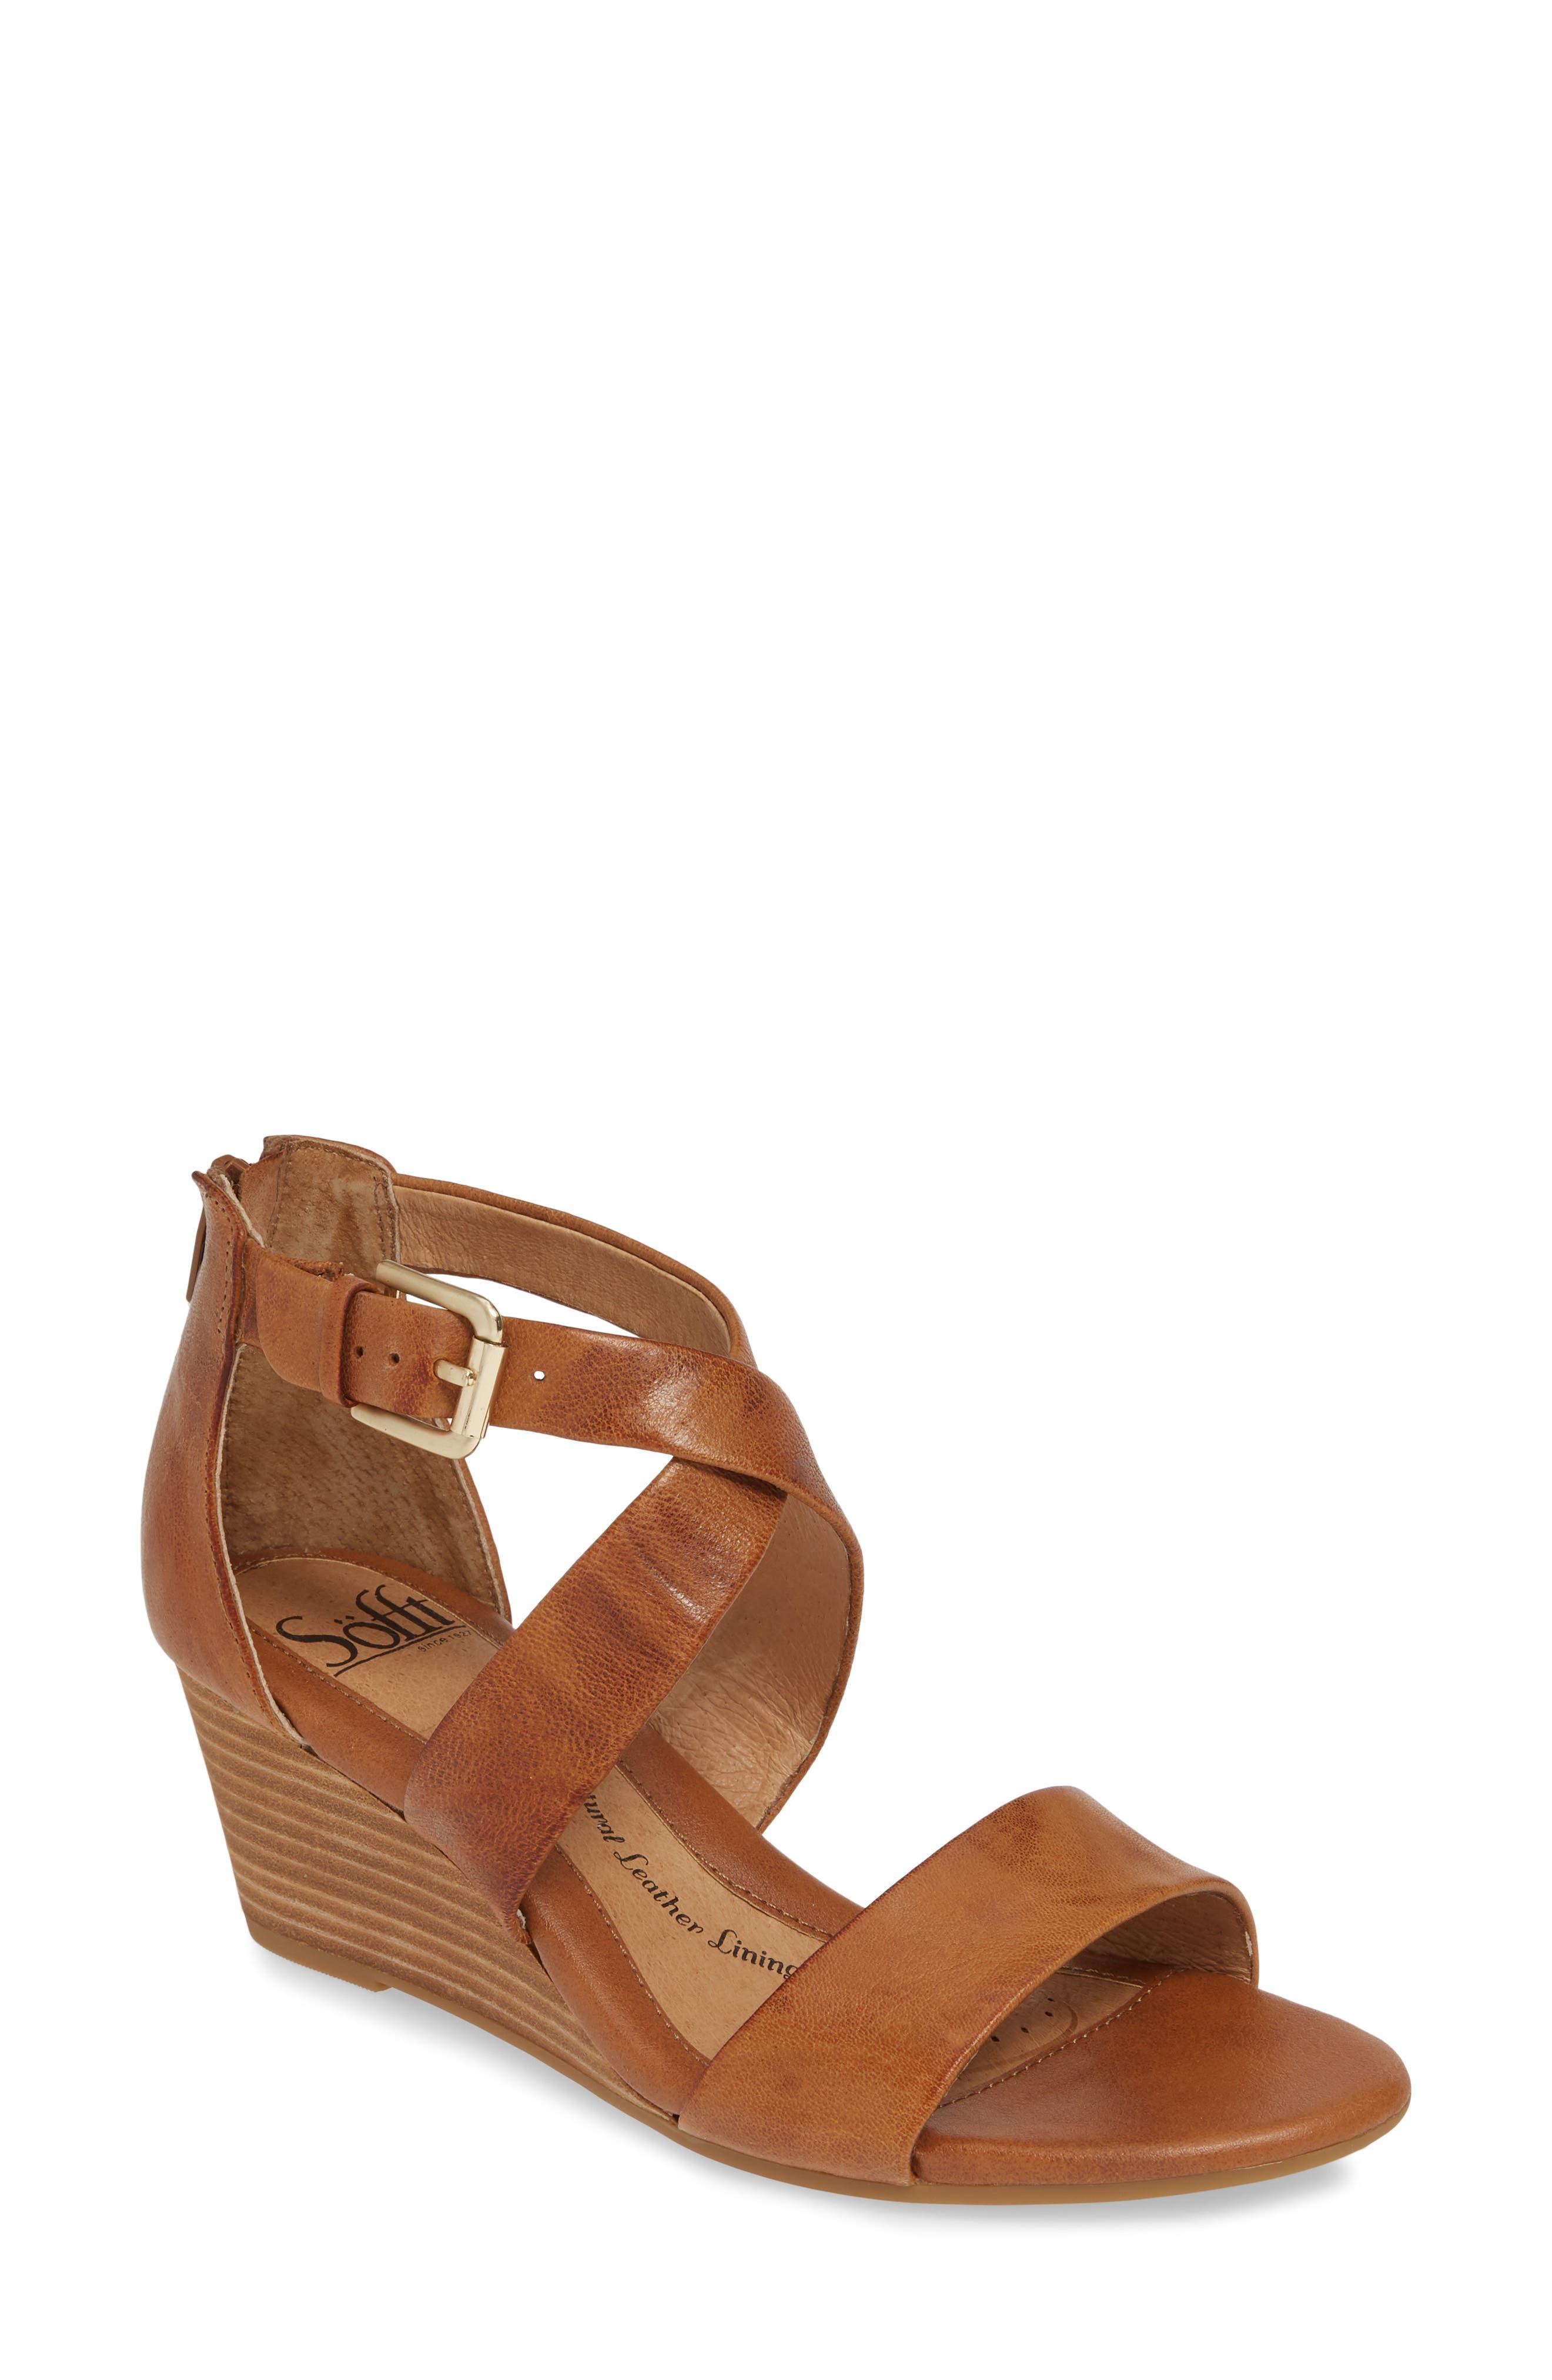 Sofft Mauldin Wedge Sandal, Brown